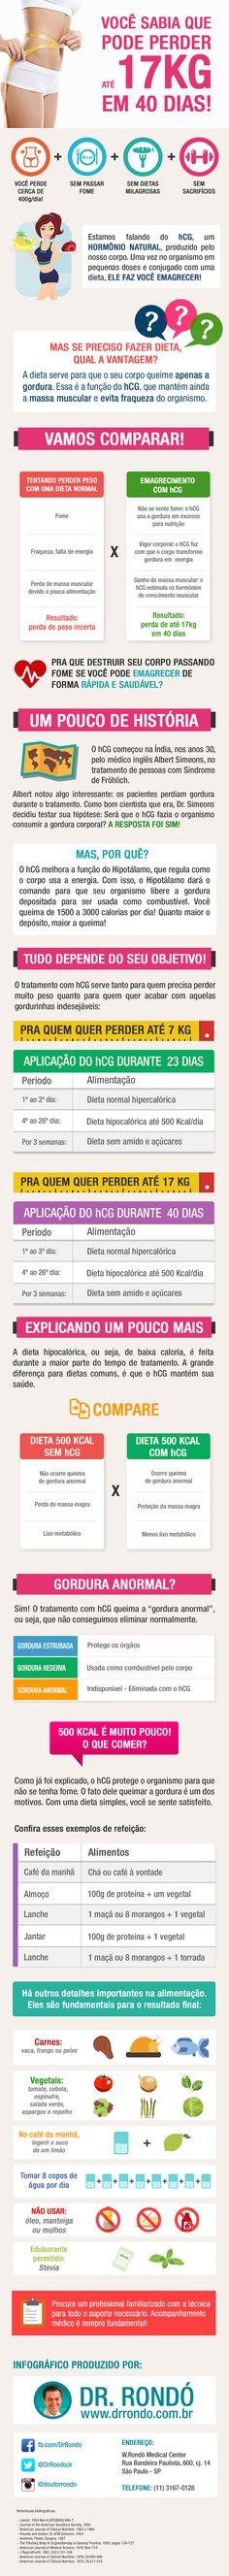 infografico hcg dr r